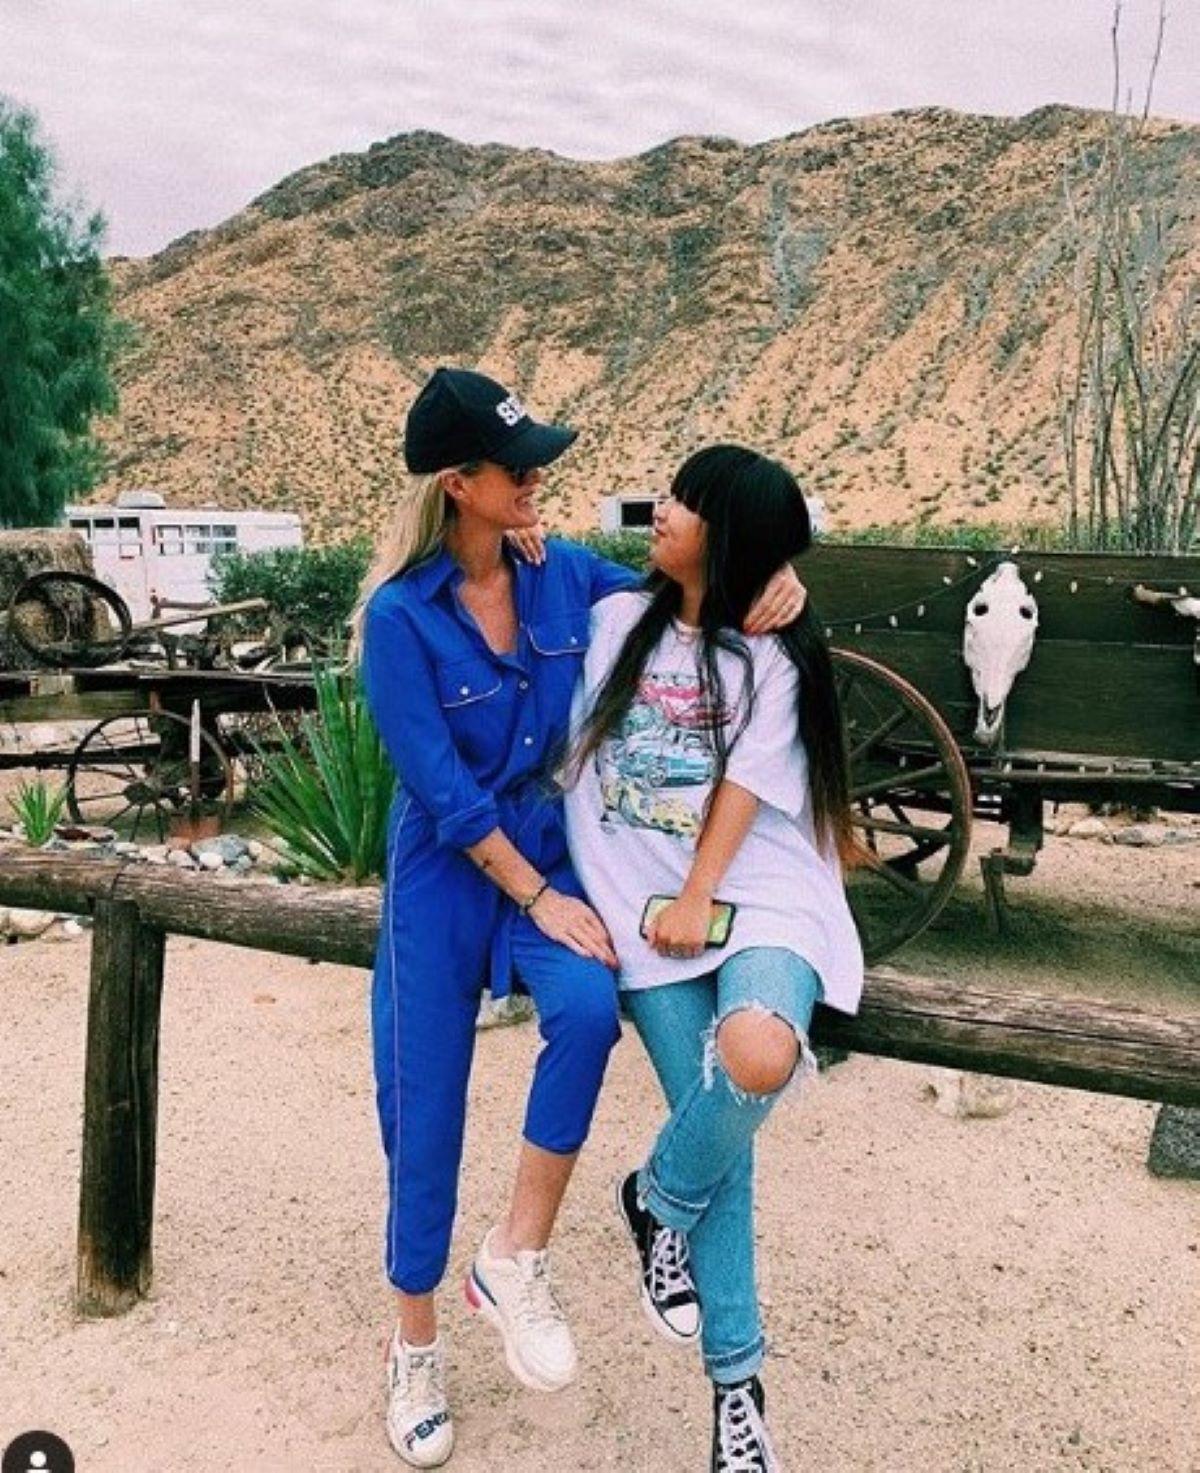 Laeticia et Jade Hallyday prennent une décision cash et s'éloignent de Luana Belmondo